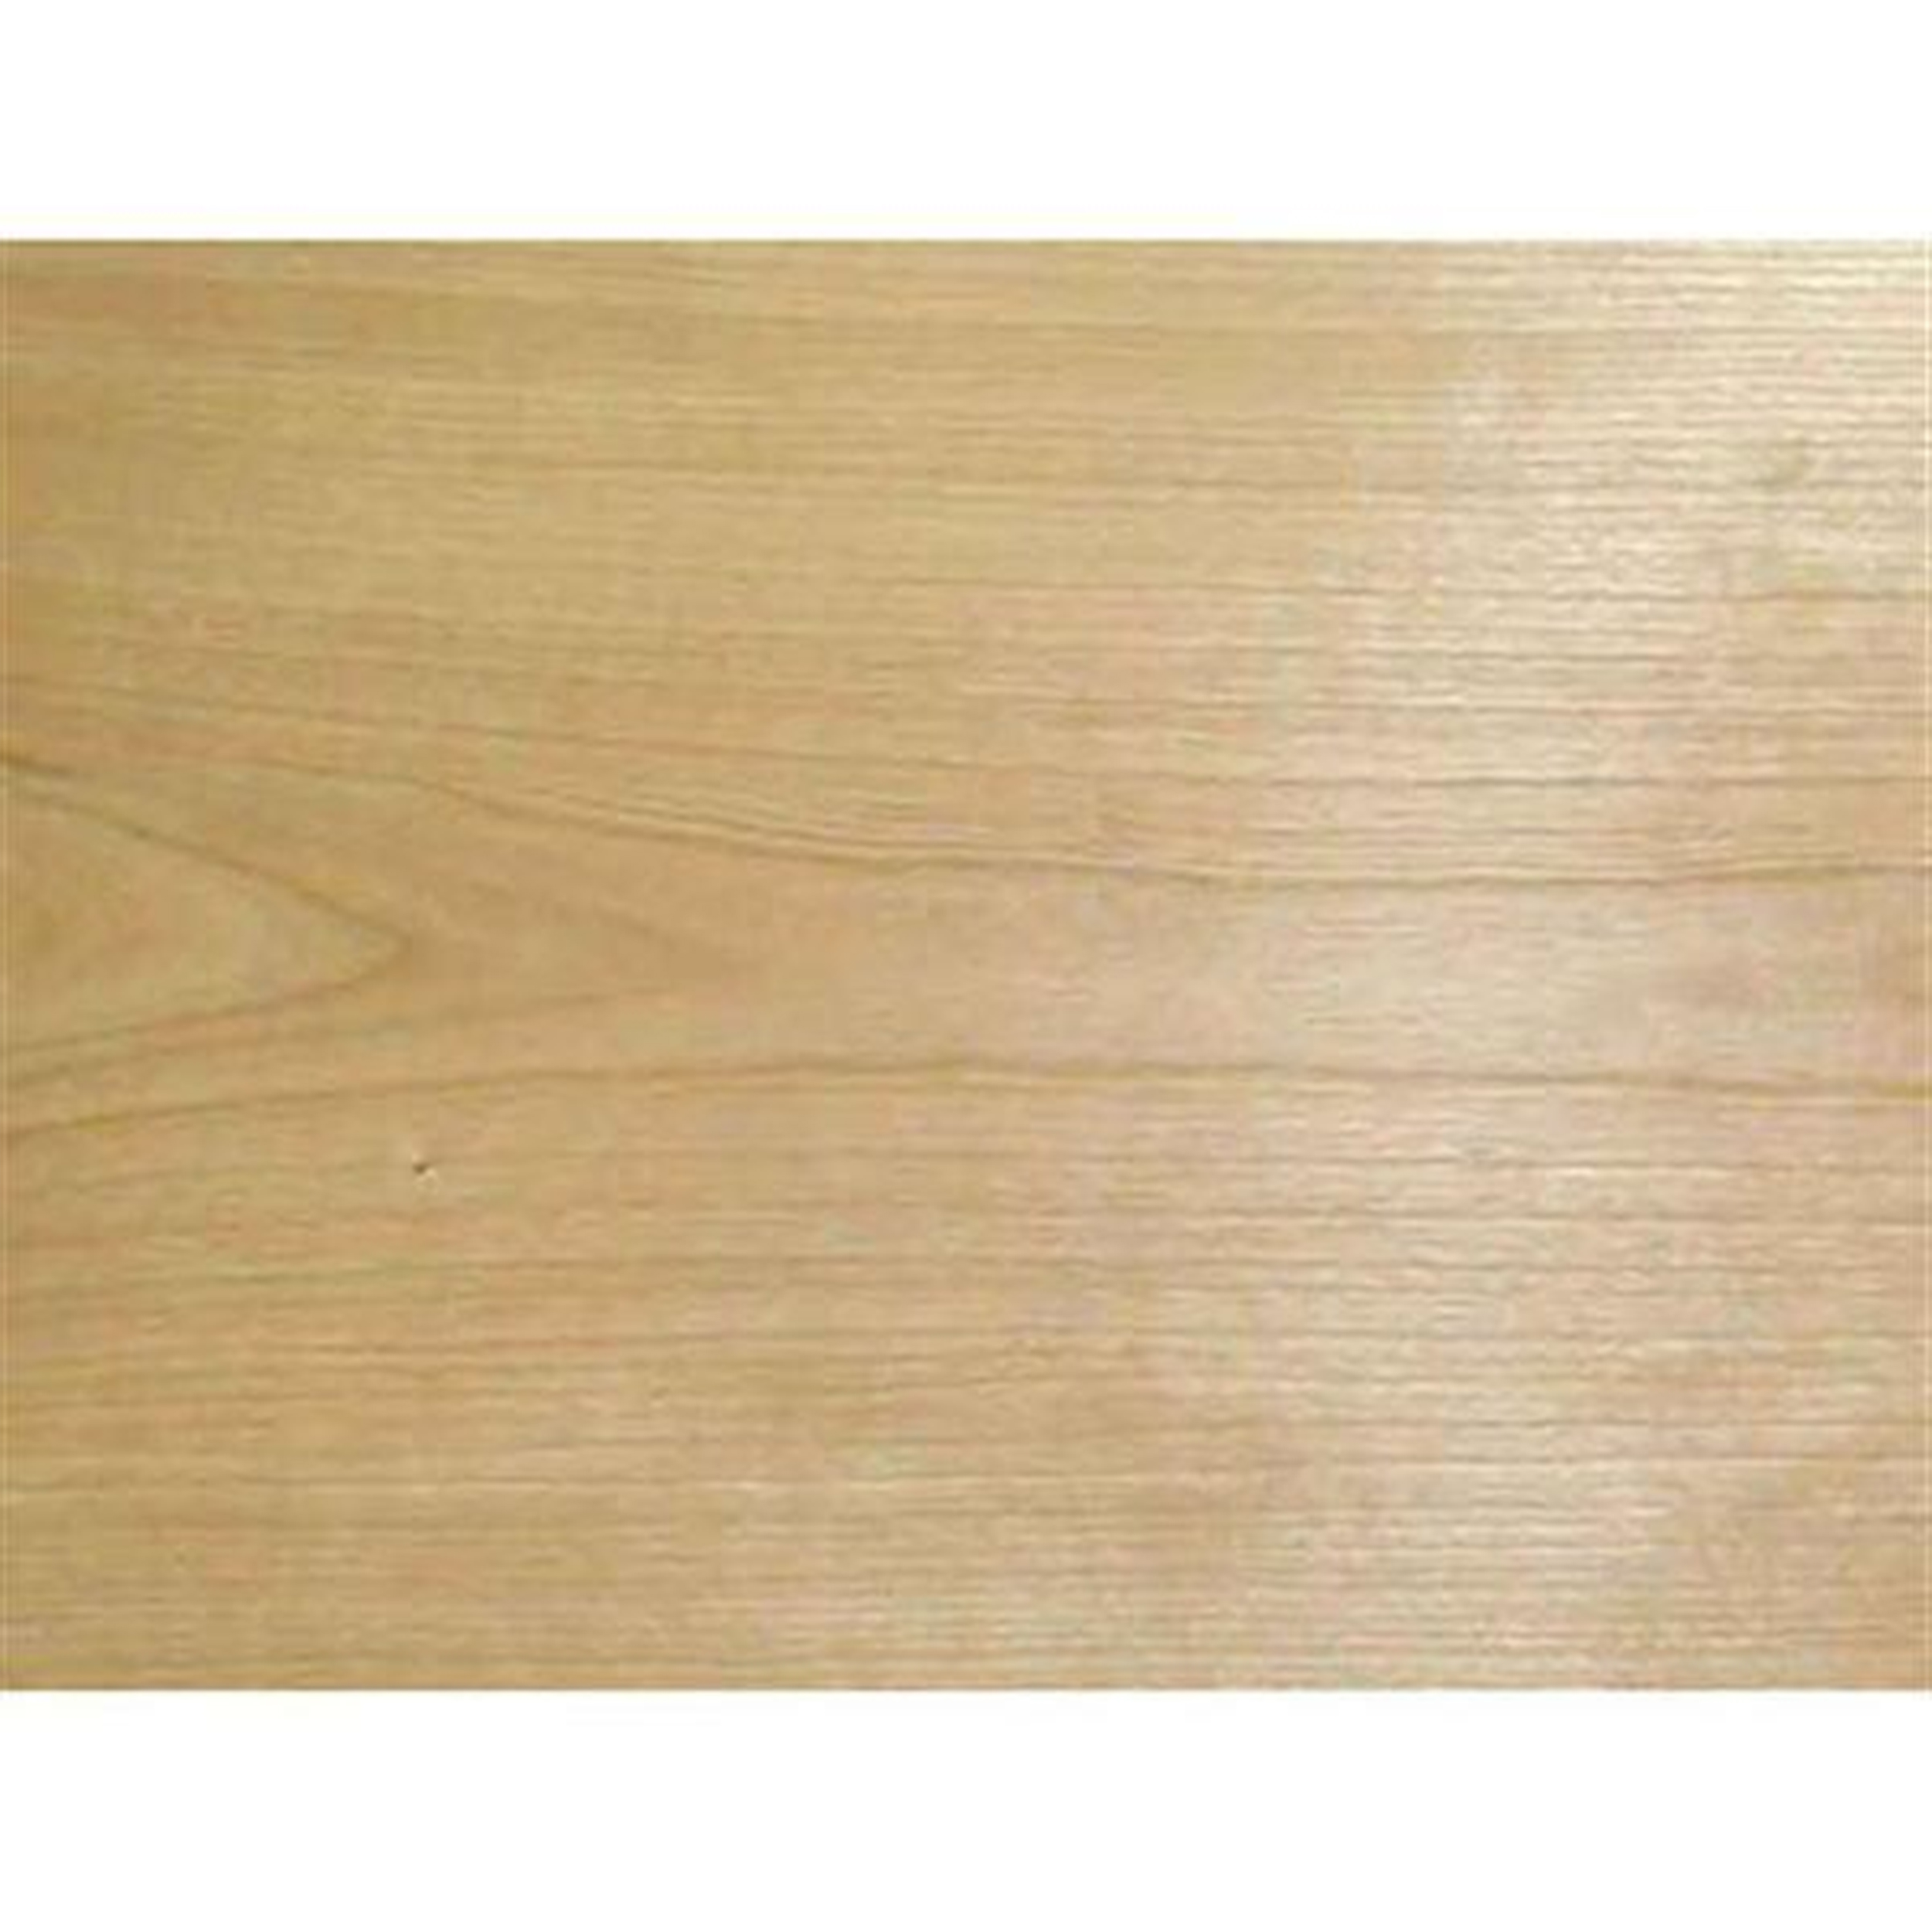 Cherry 2' x 8' 10mil Paperbacked Wood Veneer